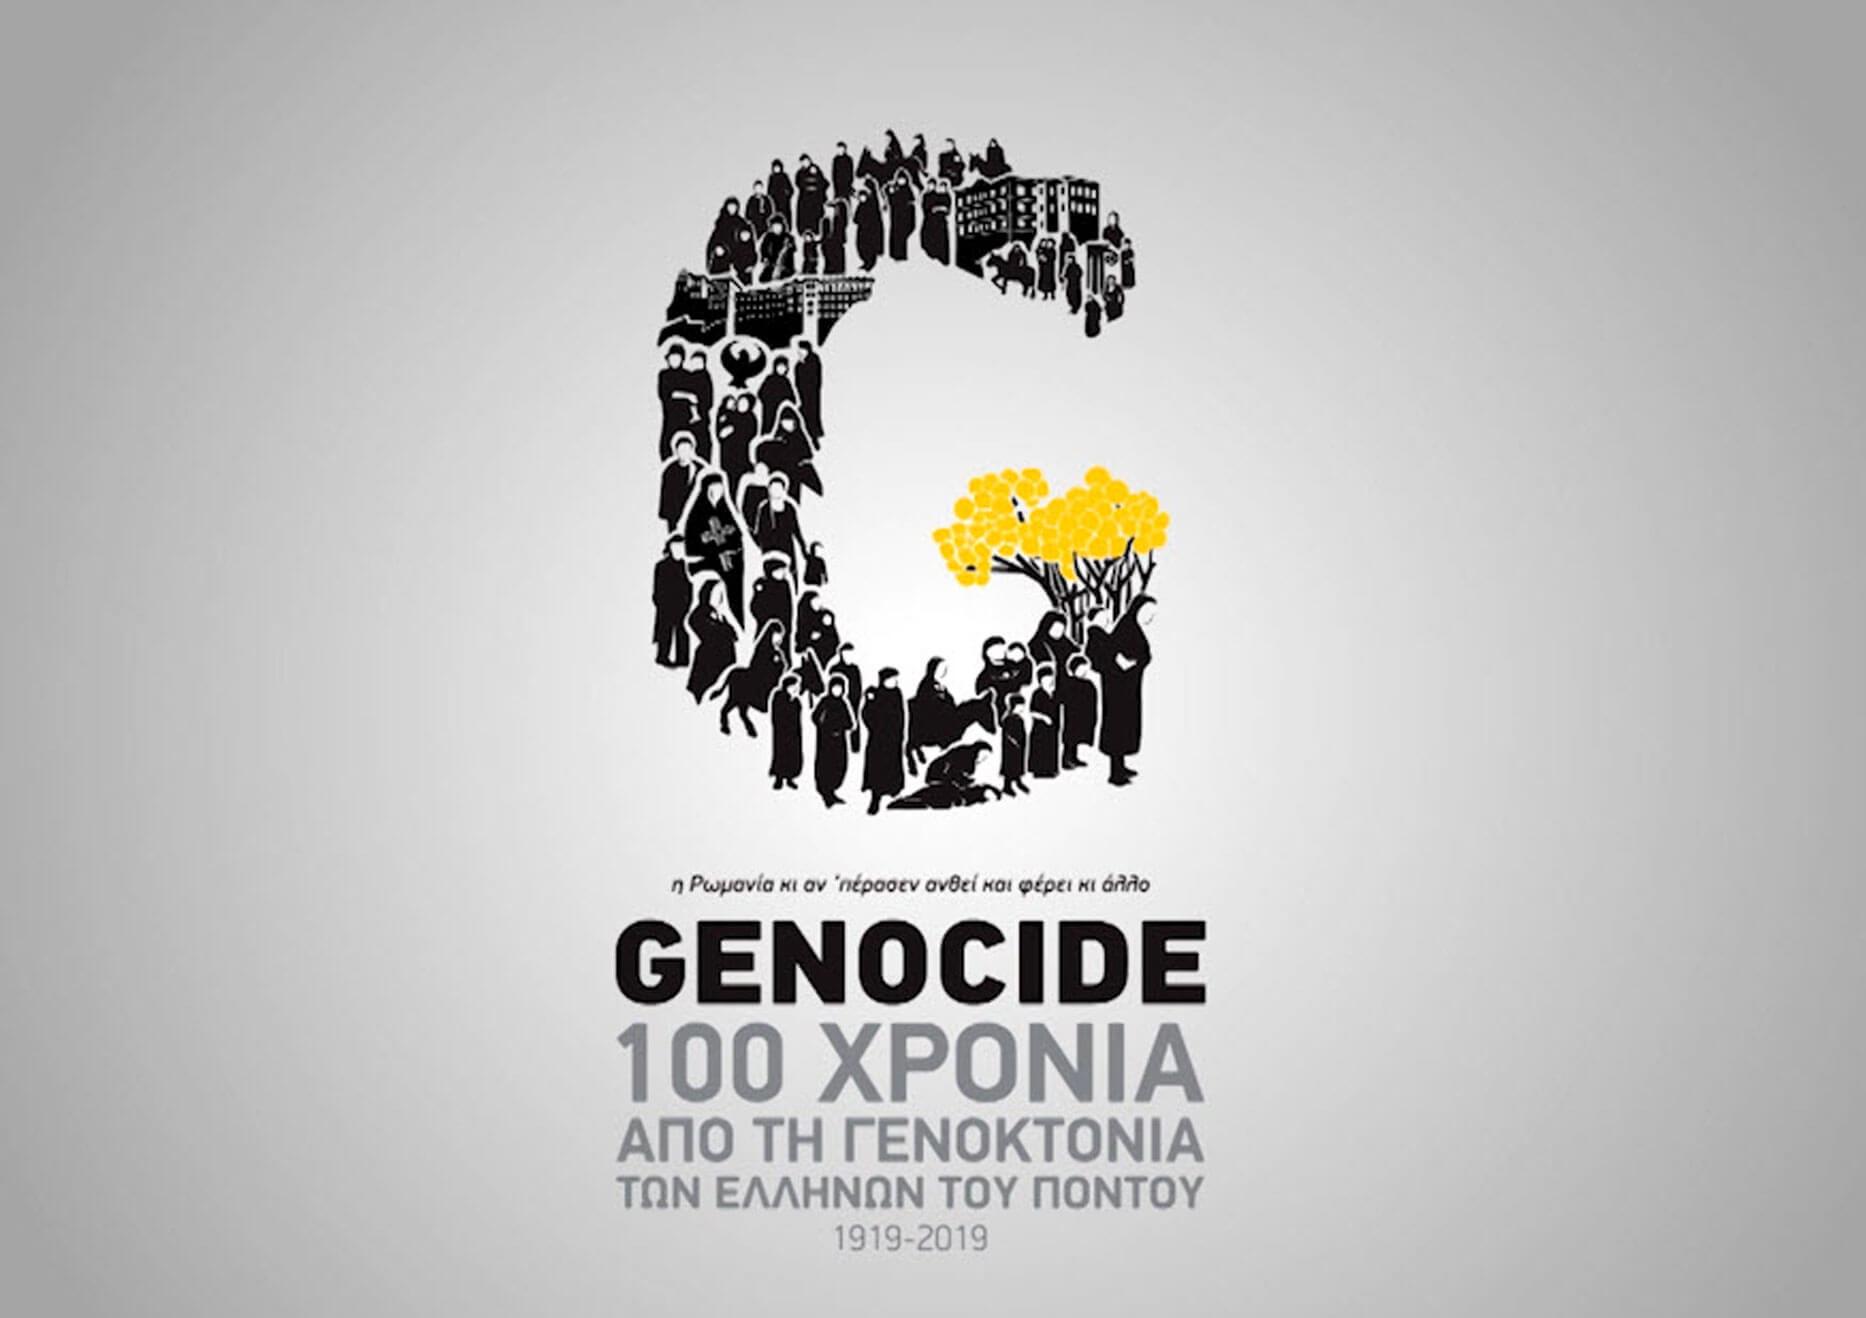 Αφιέρωμα από το OPEN στα 100 χρόνια από τη γενοκτονία των Ελλήνων του Πόντου | Newsit.gr